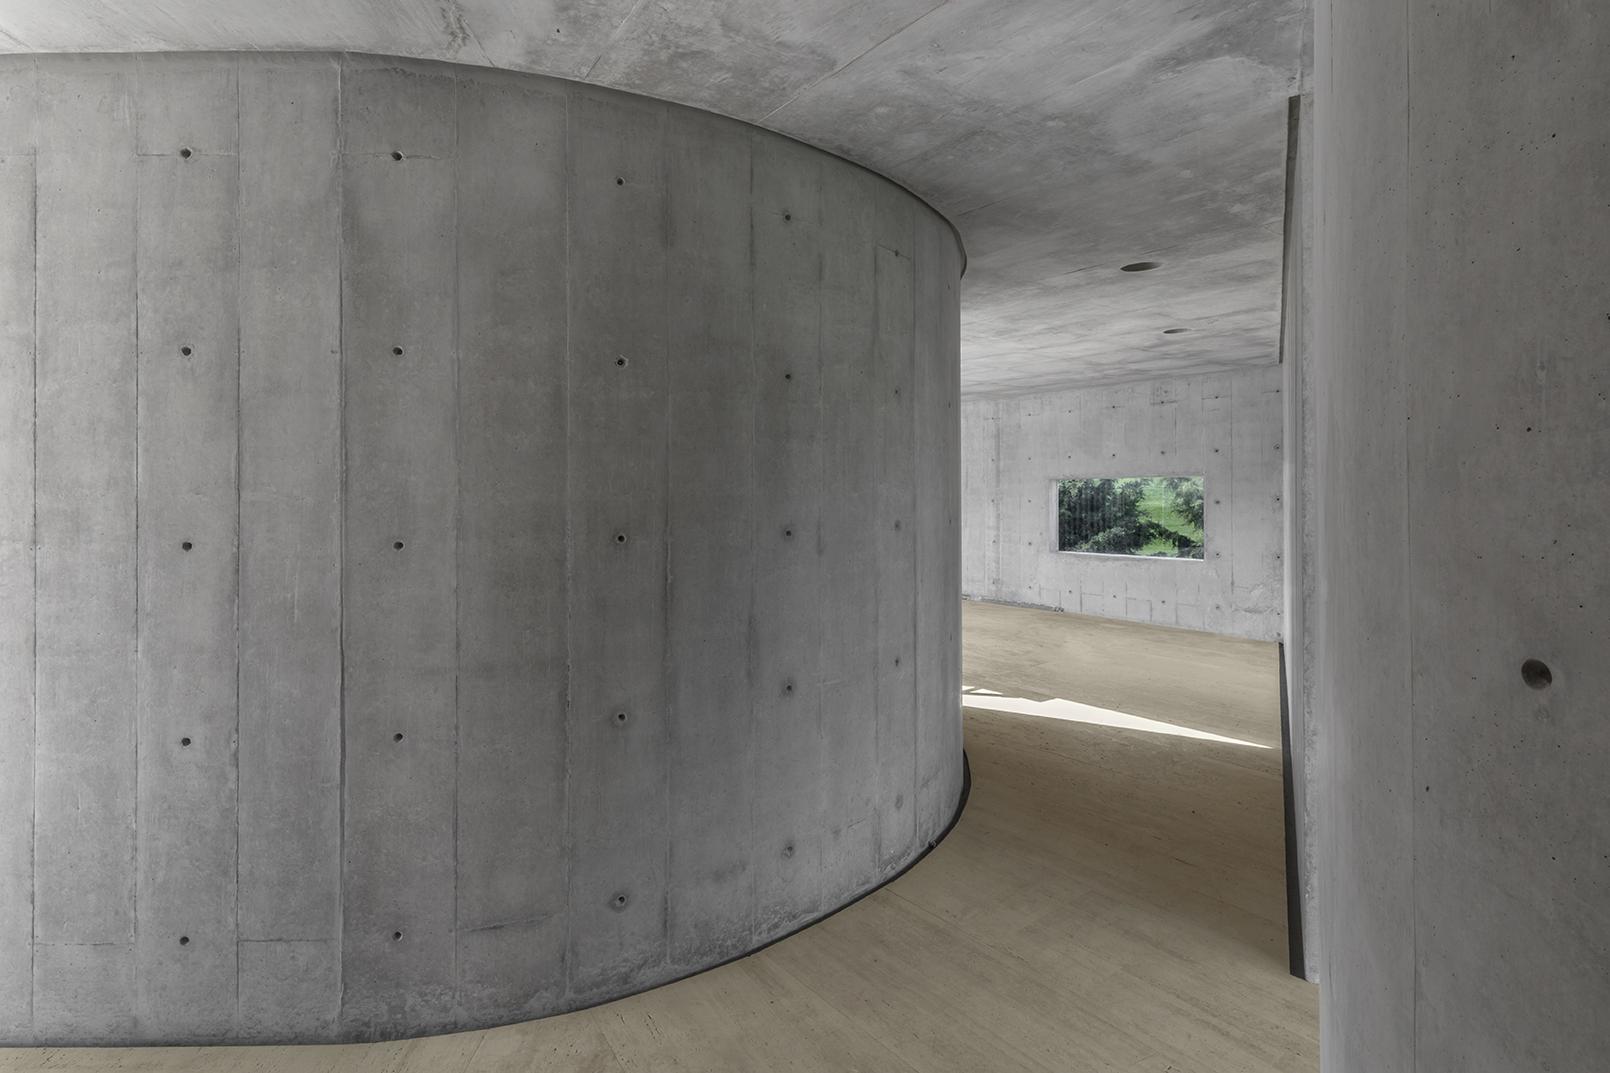 Casa p cherem arquitectos arquine - Muros de hormigon ...